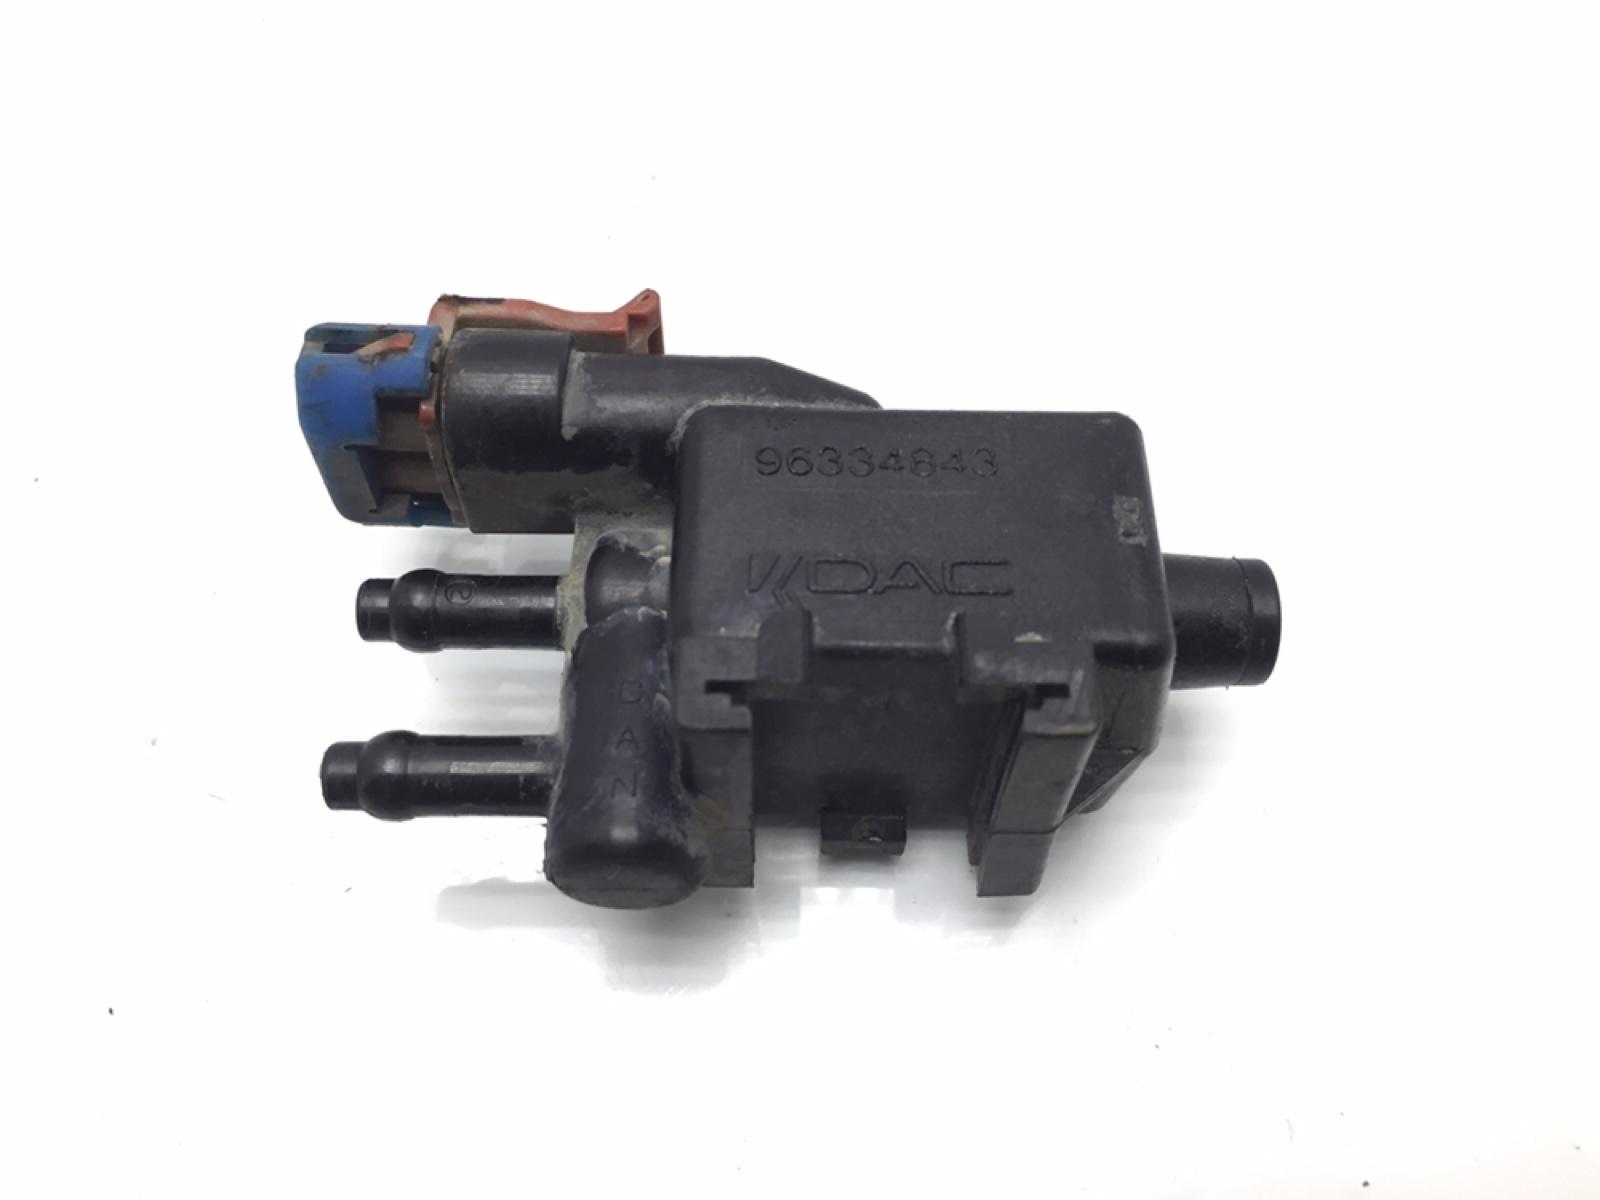 Клапан вентиляции топливного бака Daewoo Kalos 1.4 I 2003 (б/у)